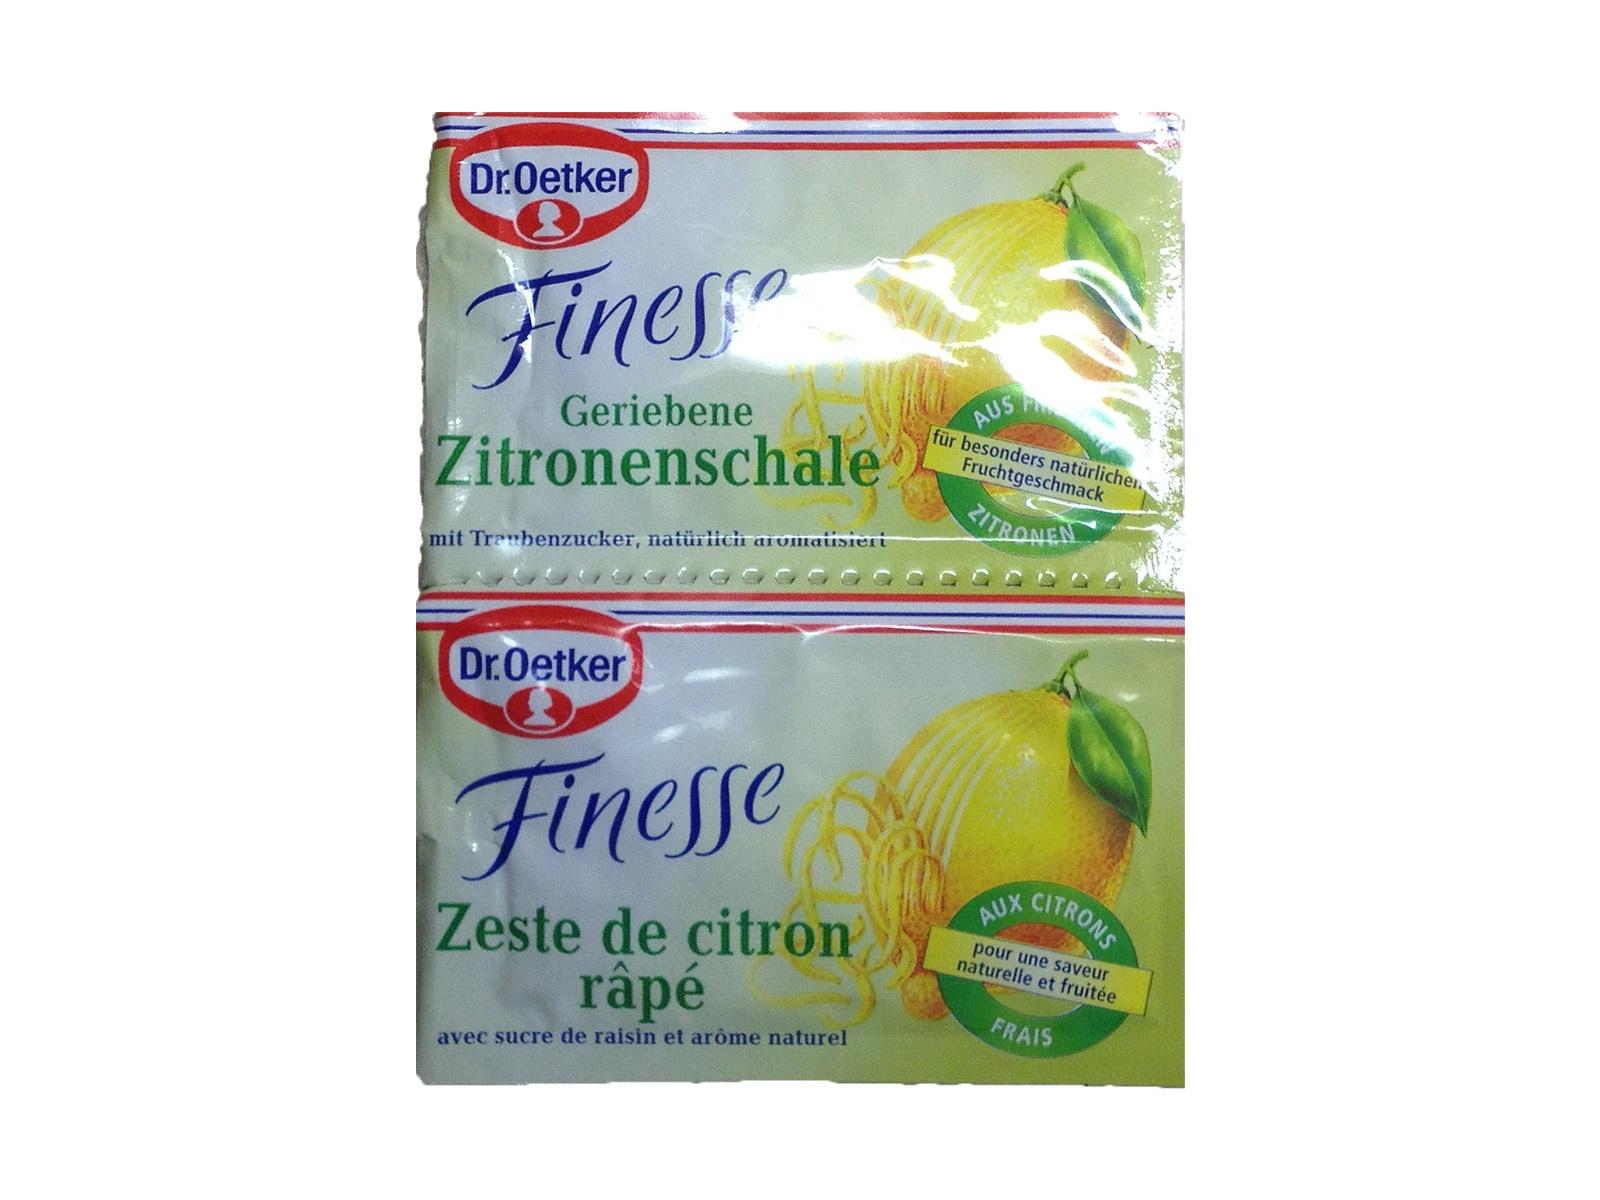 Dr Oetker Zitronenschale